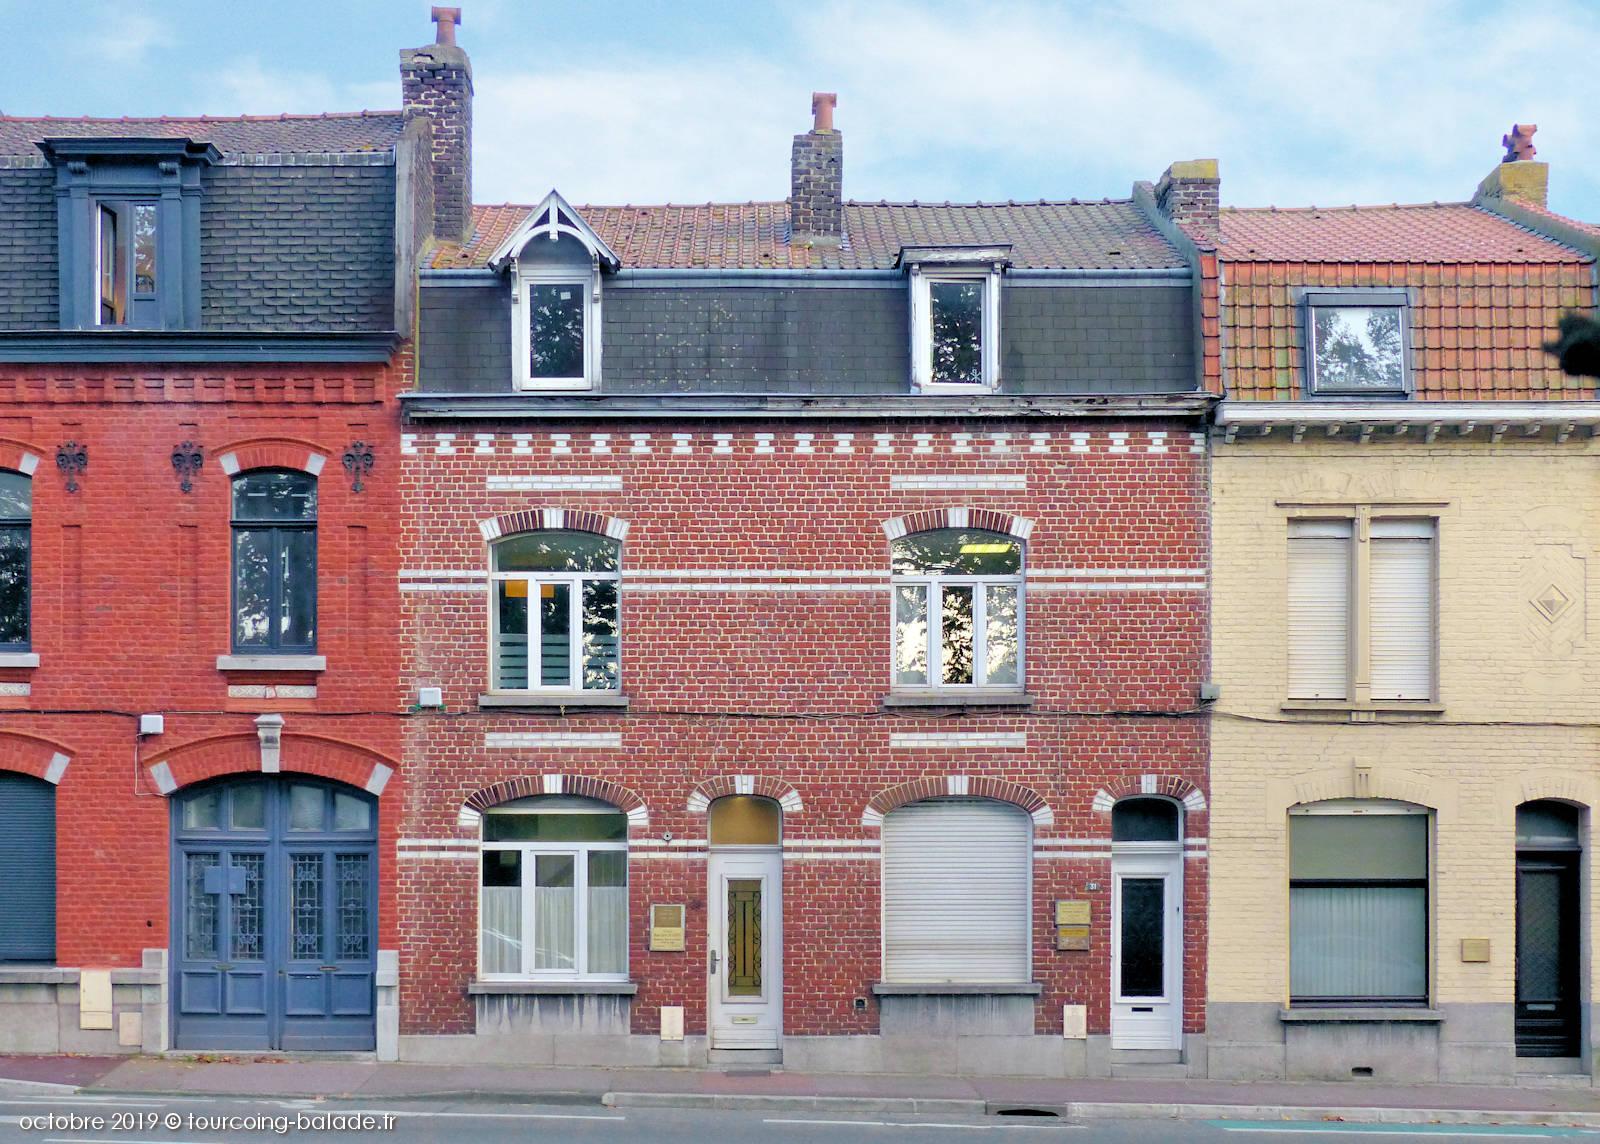 Maisons n°30 et 31, place de la Victoire, Tourcoing.